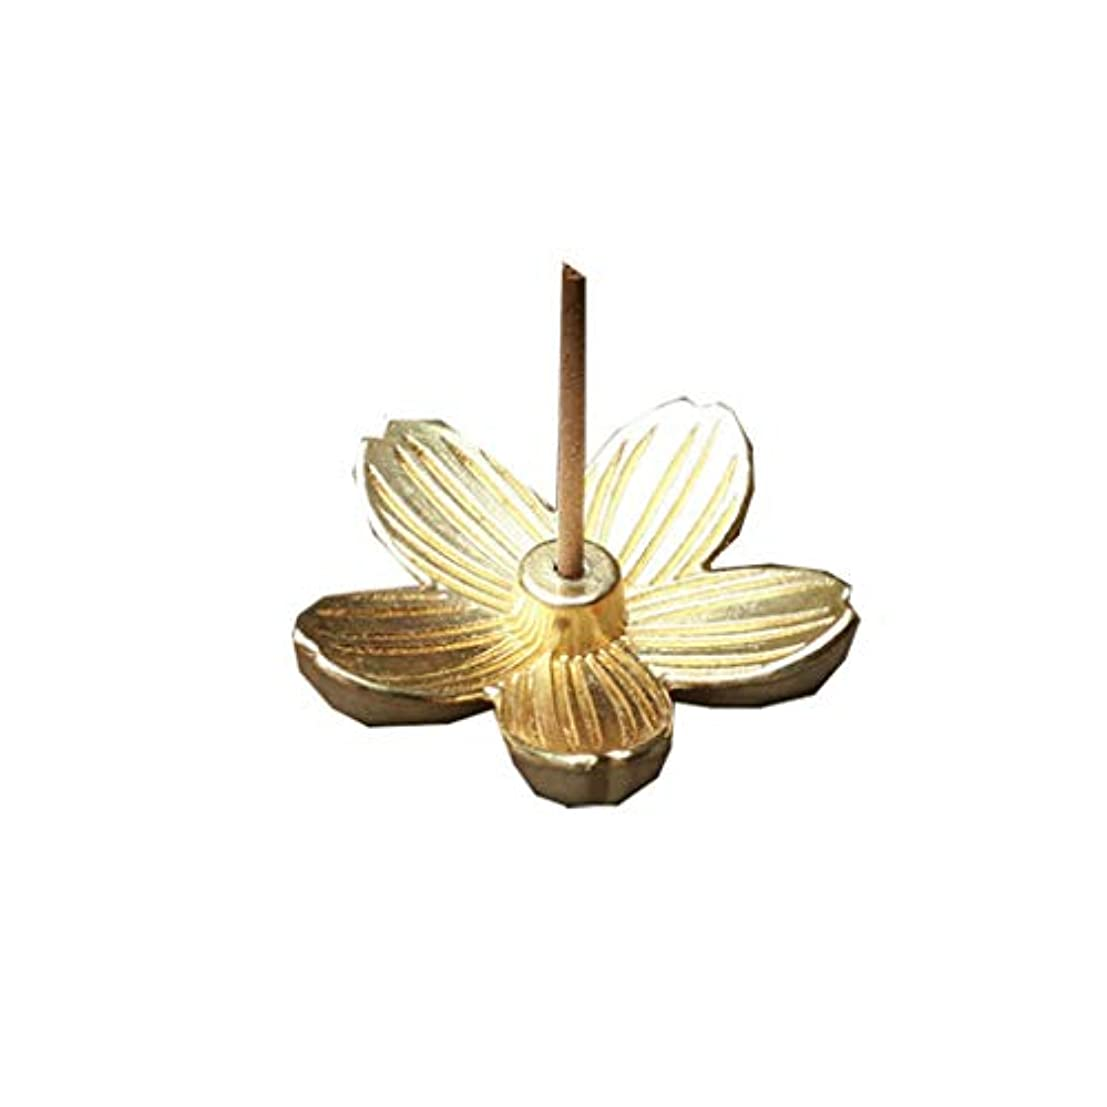 属性キャメル早熟クリエイティブヴィンテージ銅アートさくら型の香炉香スティックコーンホルダーホーム仏教の装飾誕生日お香ホルダー (Color : Gold, サイズ : 1.14*1.14inchs)